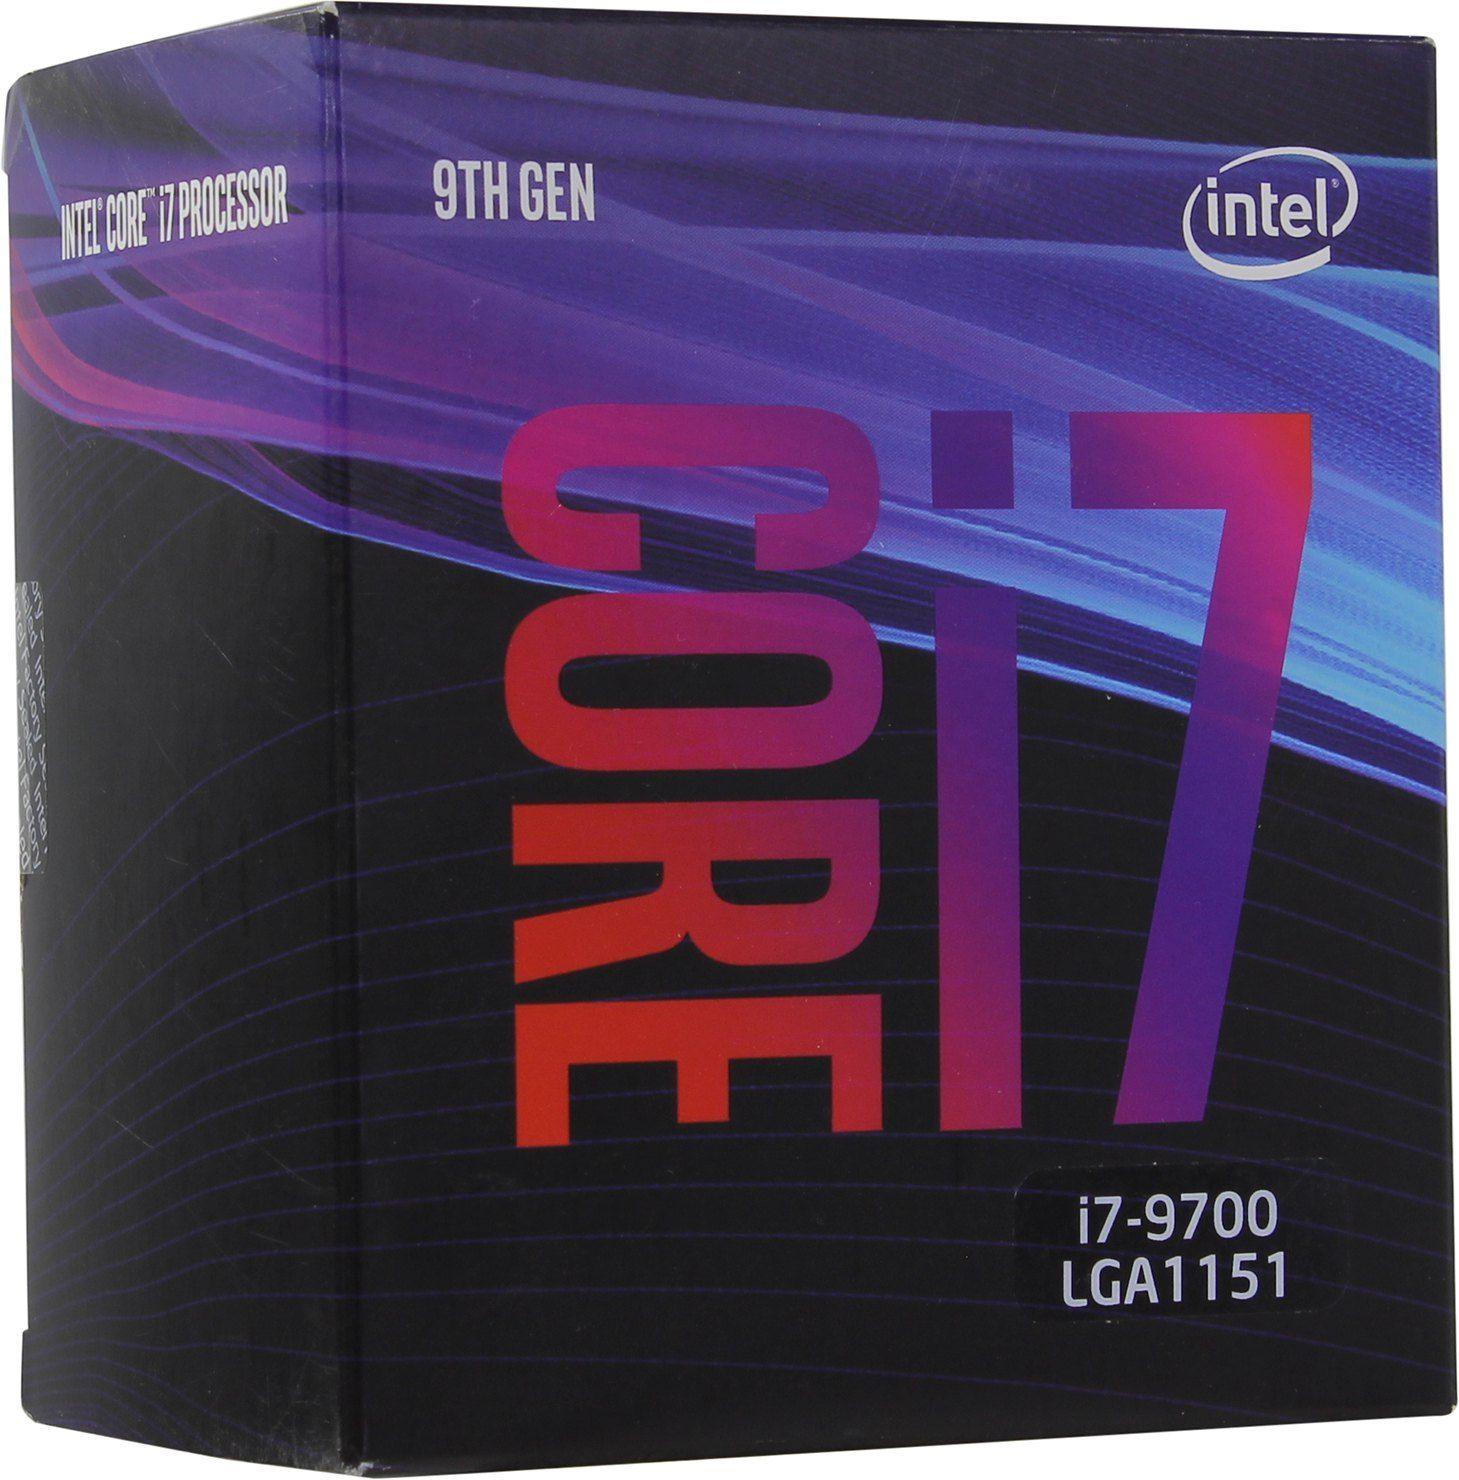 インテル core i7 9700